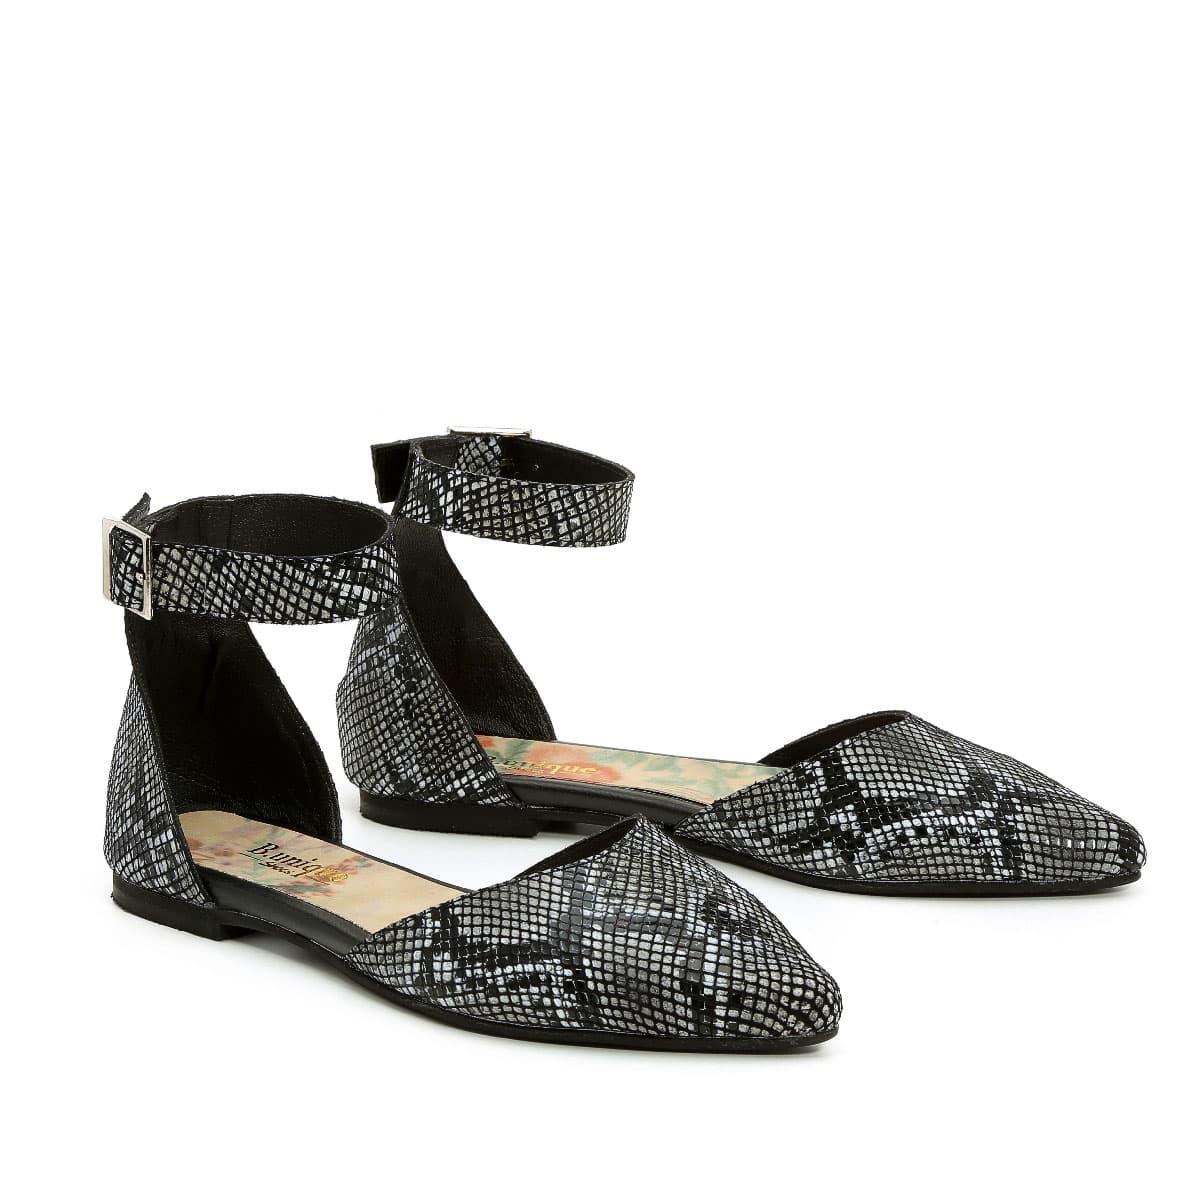 דגם מיקה: סנדלים בצבע שחור מנוחש